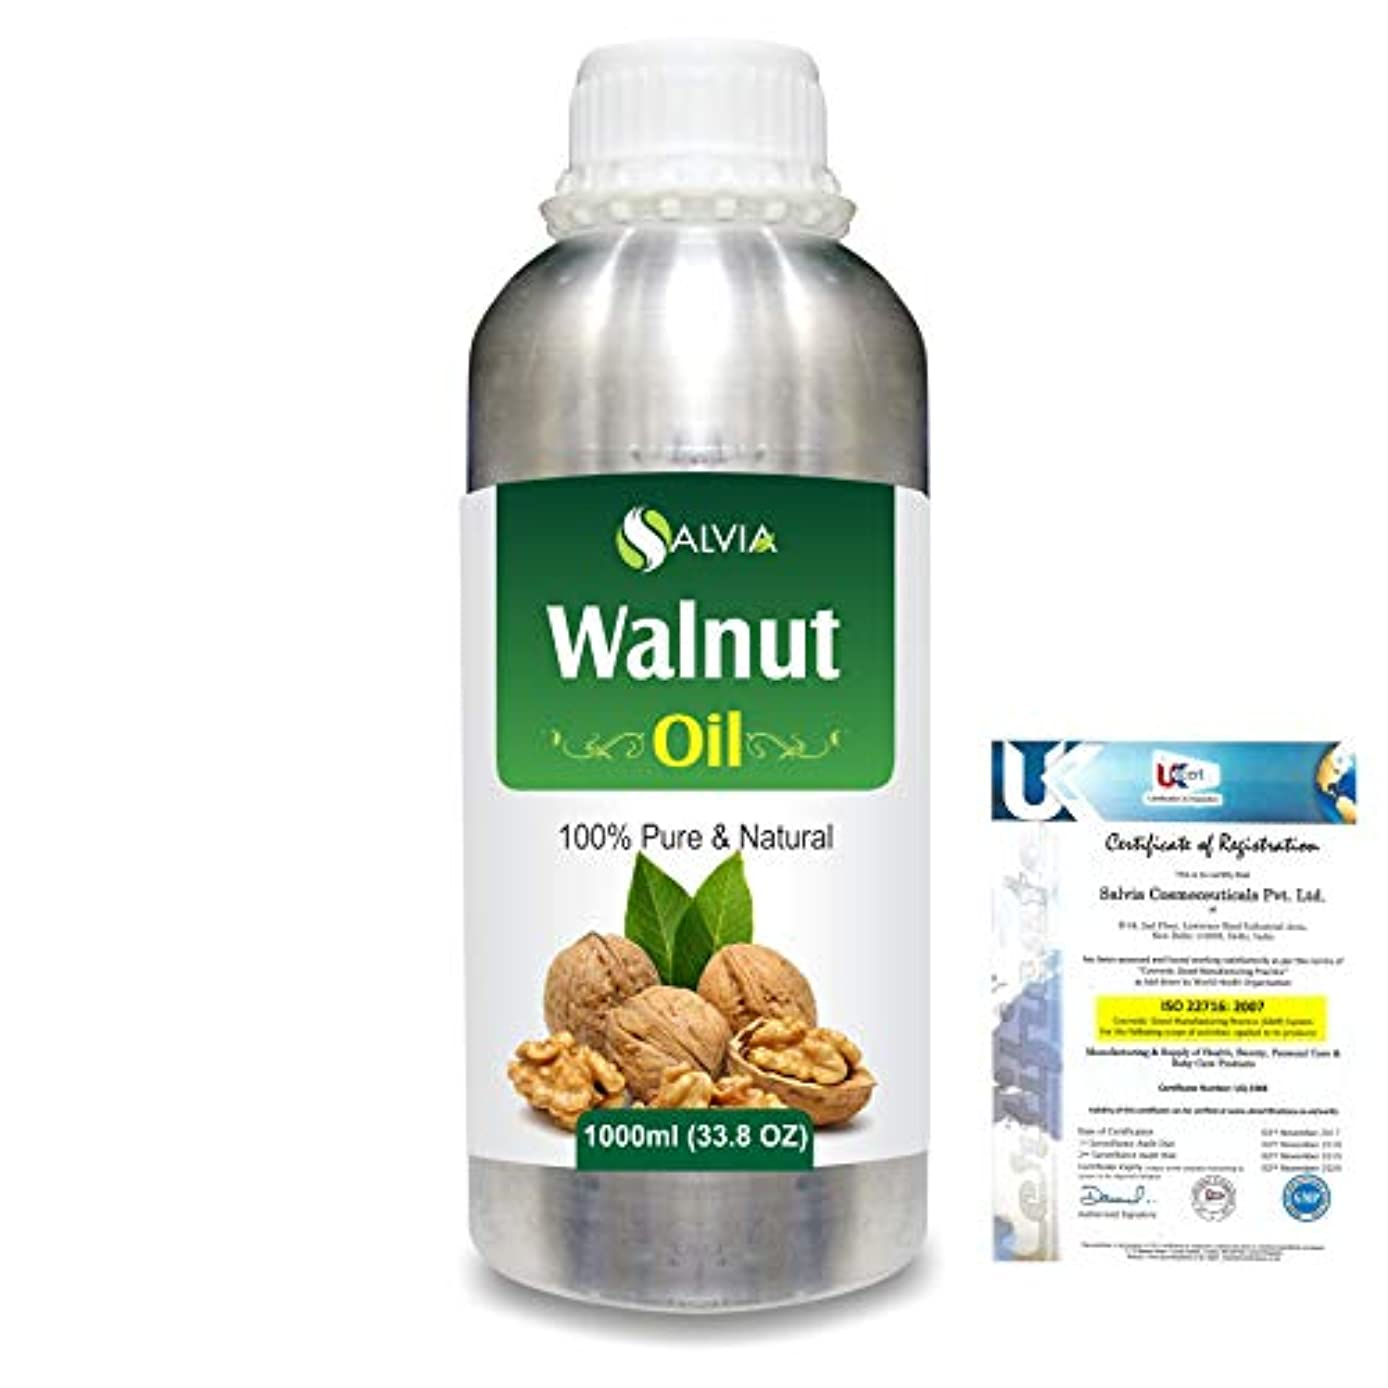 リングレットゴミ吸い込むWalnut (Juglans regia)100% Natural Pure Carrier Oil 1000ml/33.8fl.oz.